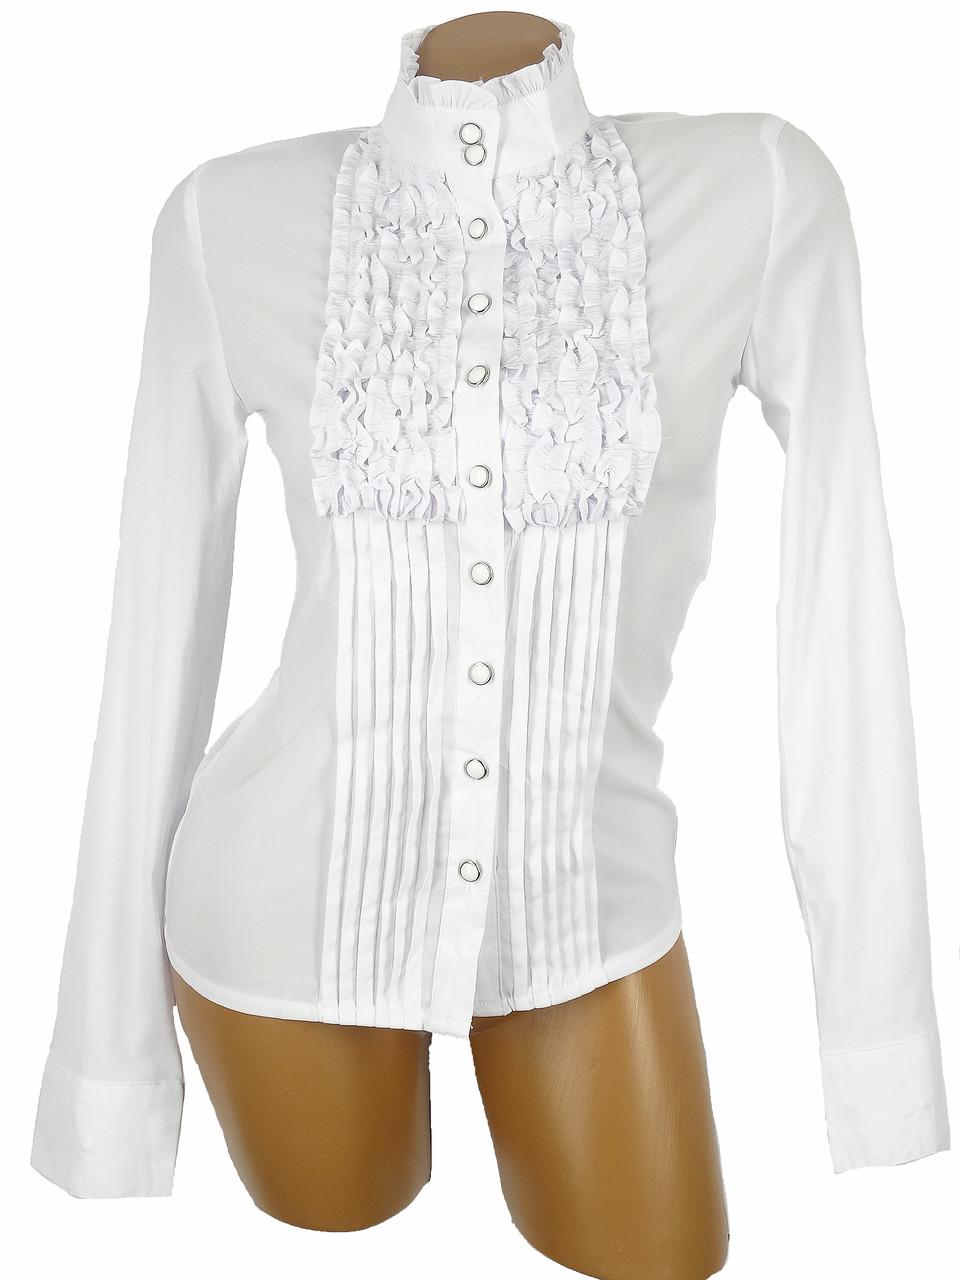 Женская рубашка с рюшами (размеры 36 - 40)